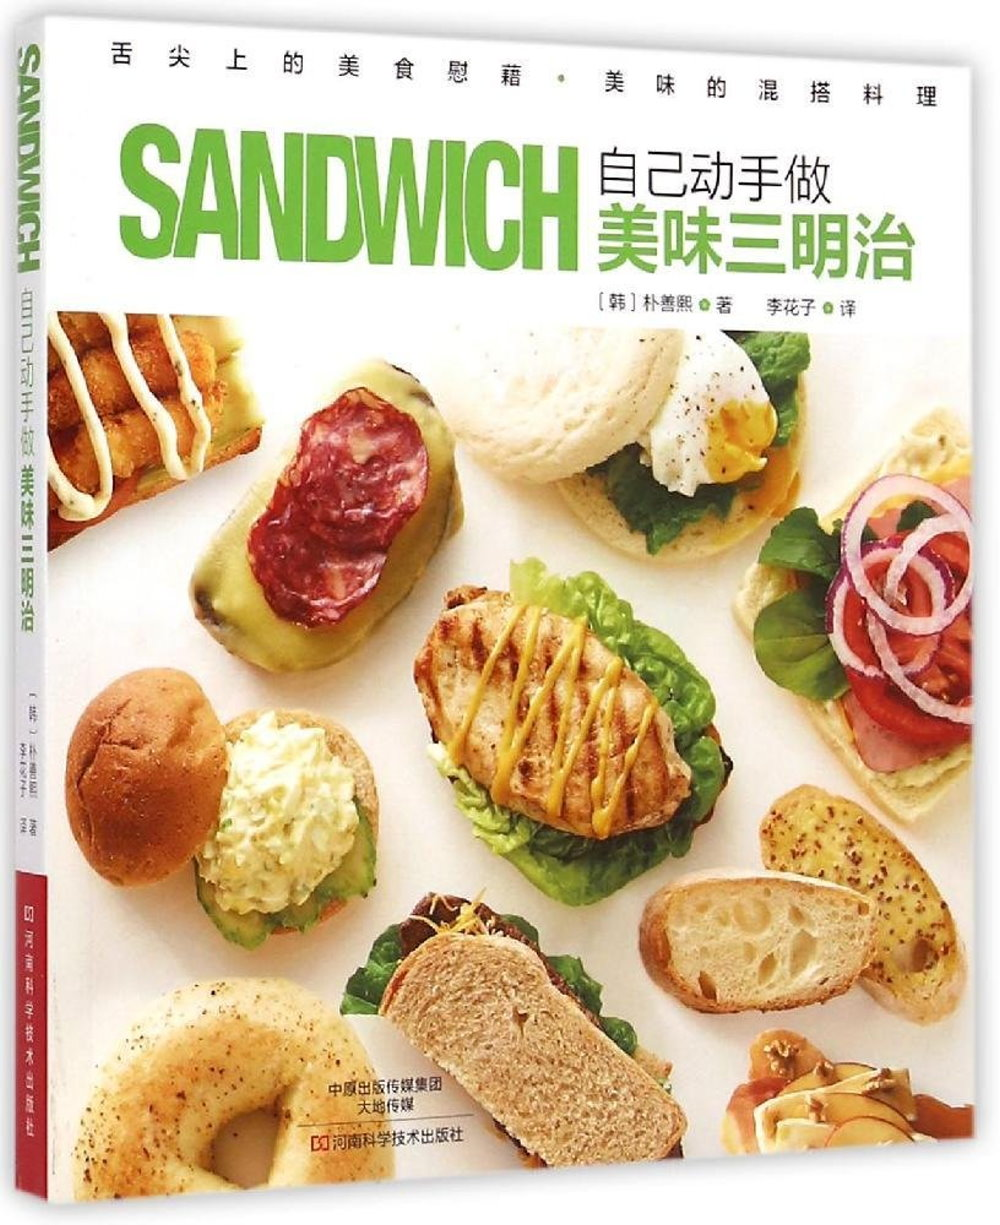 自己動手做美味三明治